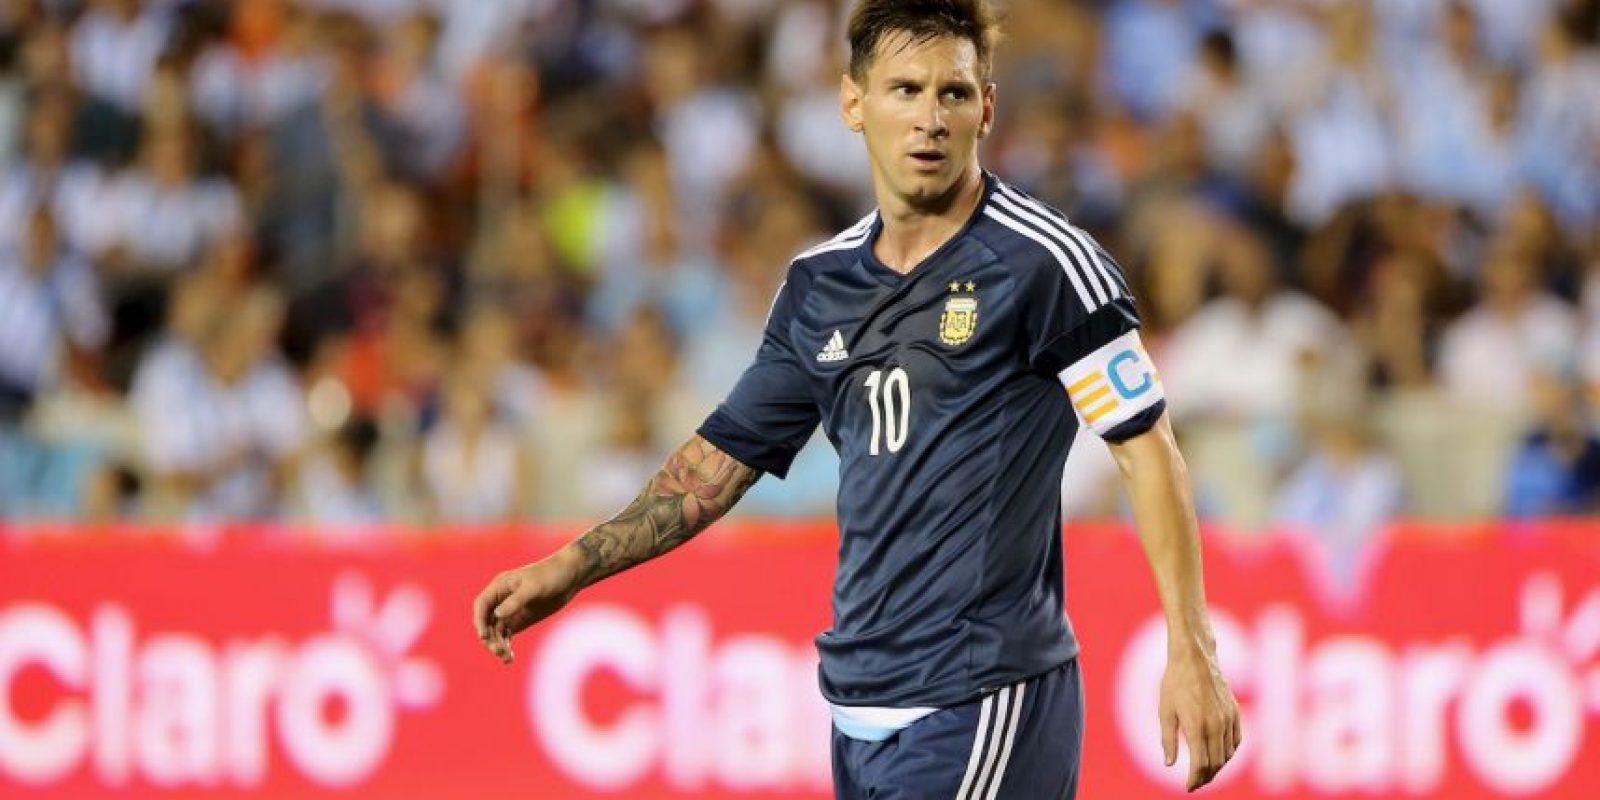 Además, la DEA en Estados Unidos investiga una posible conexión entre los encuentros de Lionel Messi y el narcotráfico. Foto:Getty Images